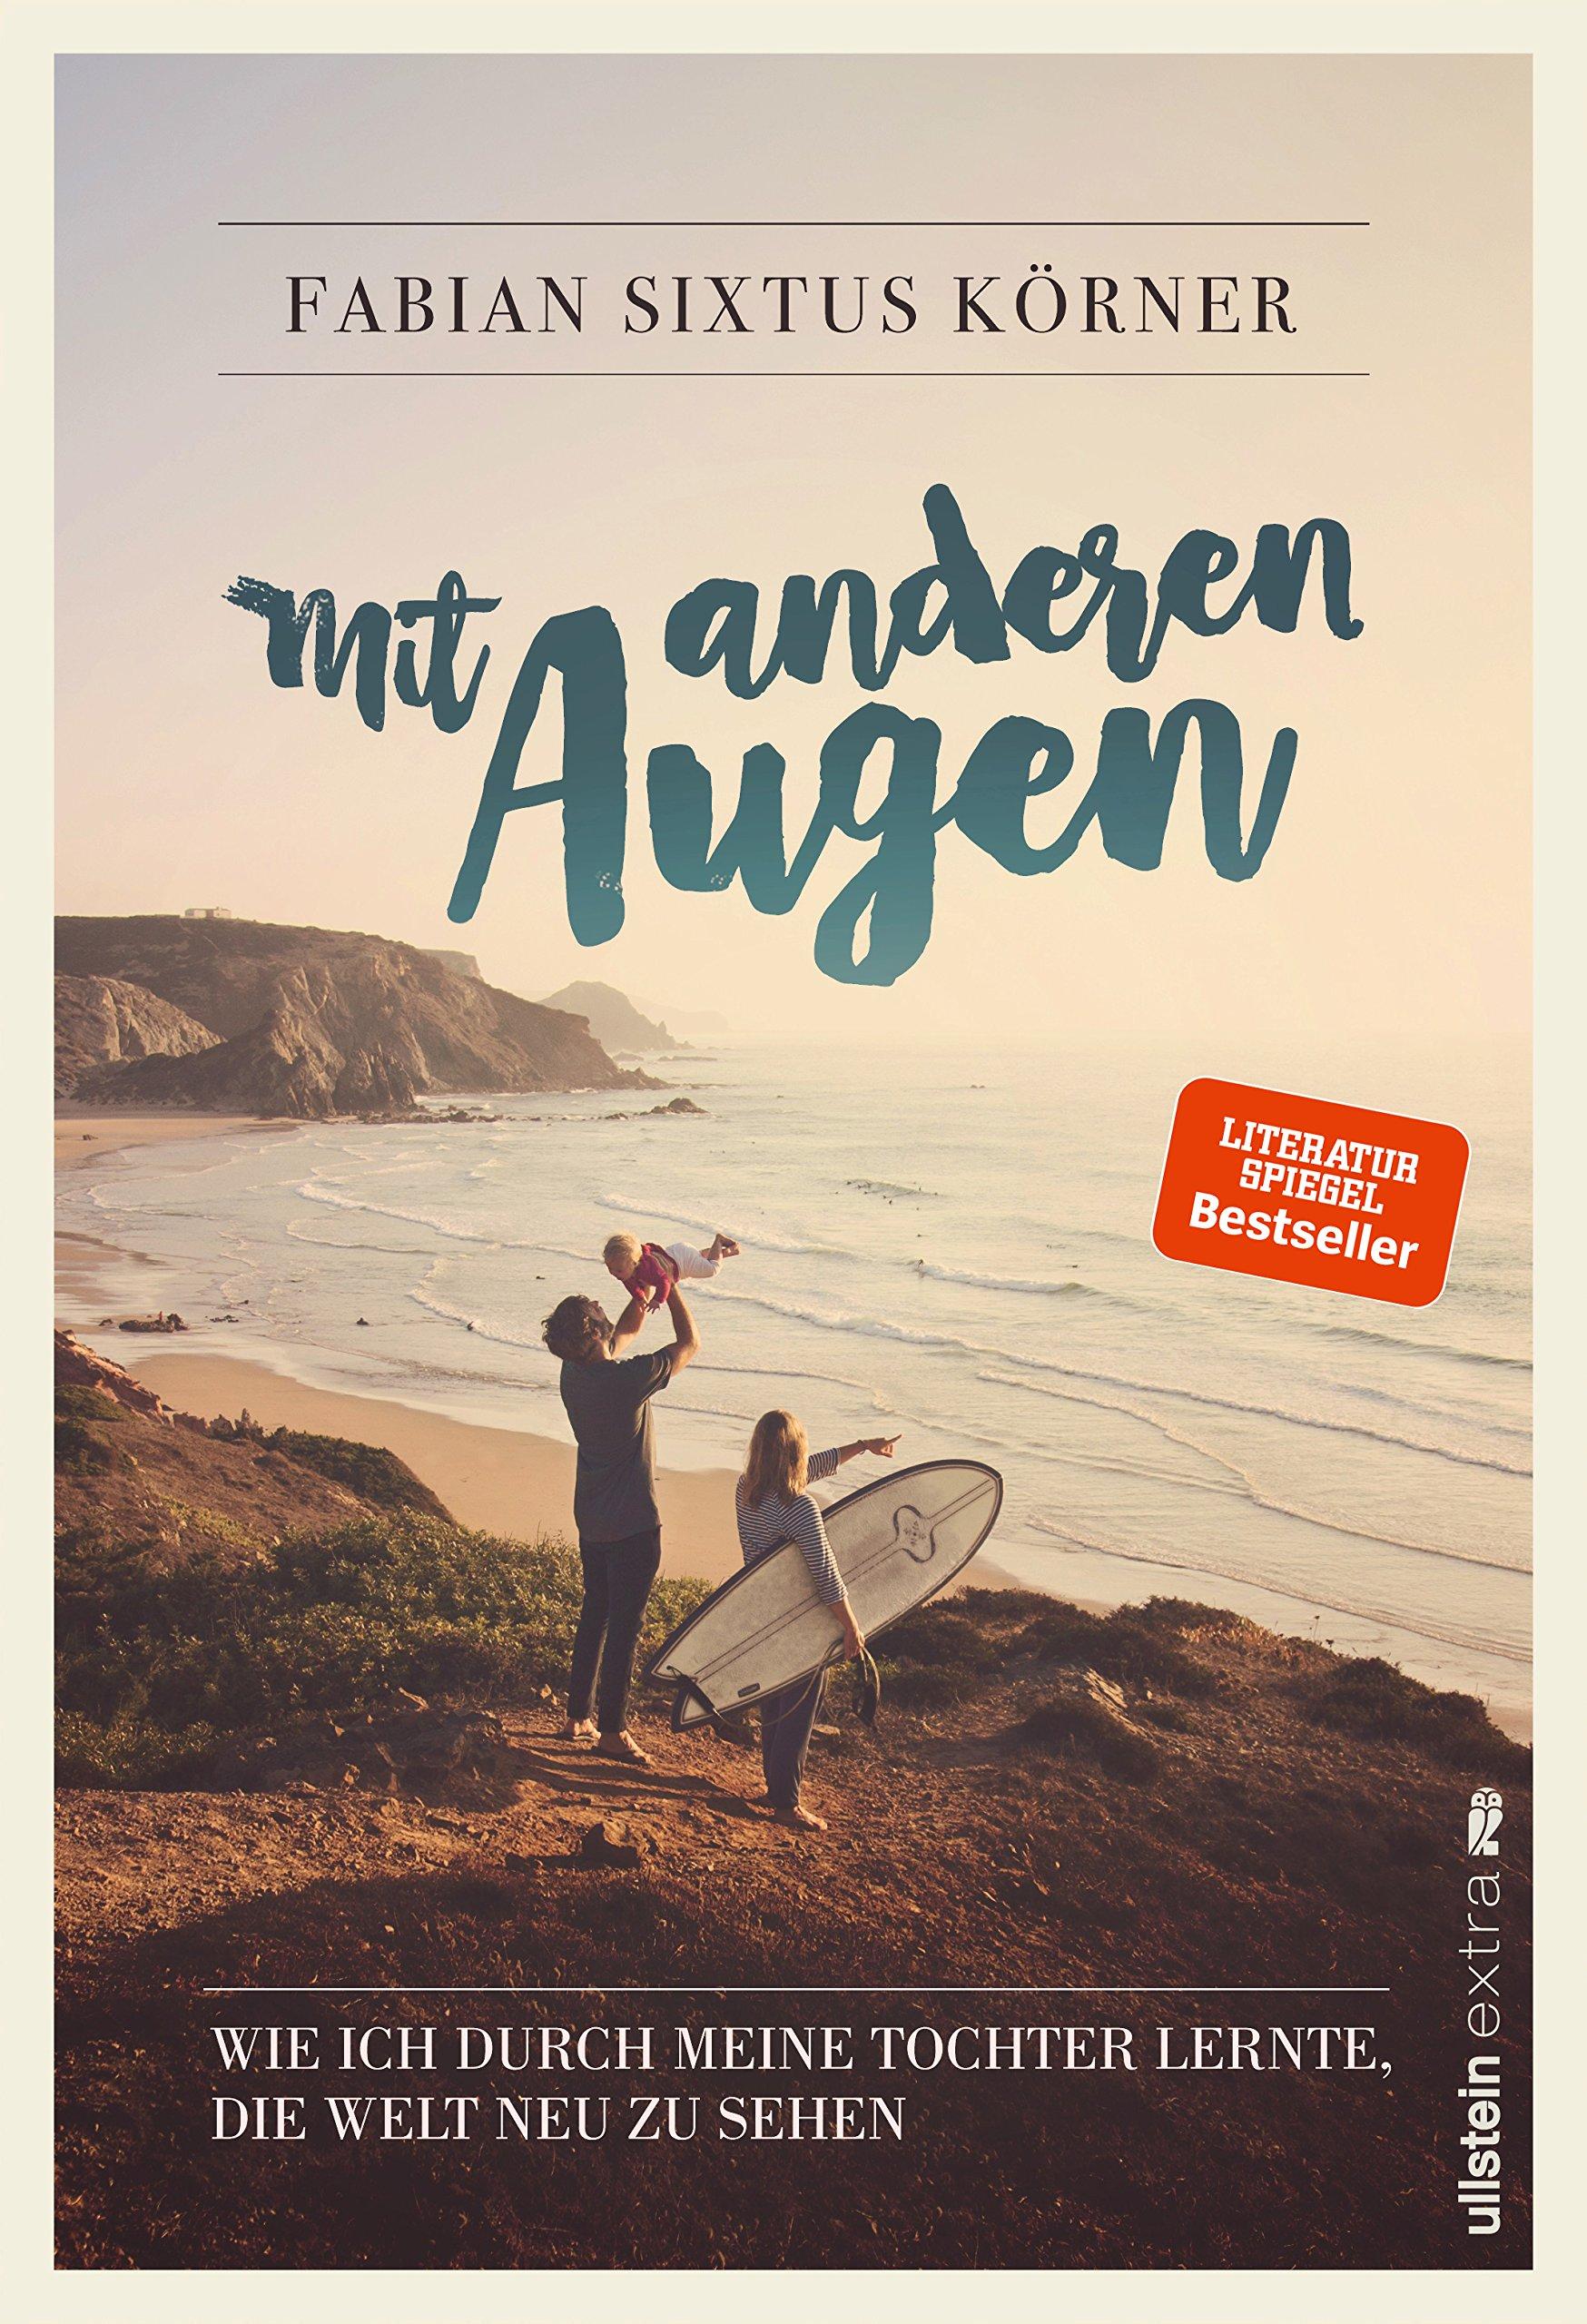 Mit anderen Augen: Wie ich durch meine Tochter lernte, die Welt neu zu sehen Broschiert – 11. Mai 2018 Fabian Sixtus Körner Ullstein extra 386493060X Reiseberichte / Welt gesamt